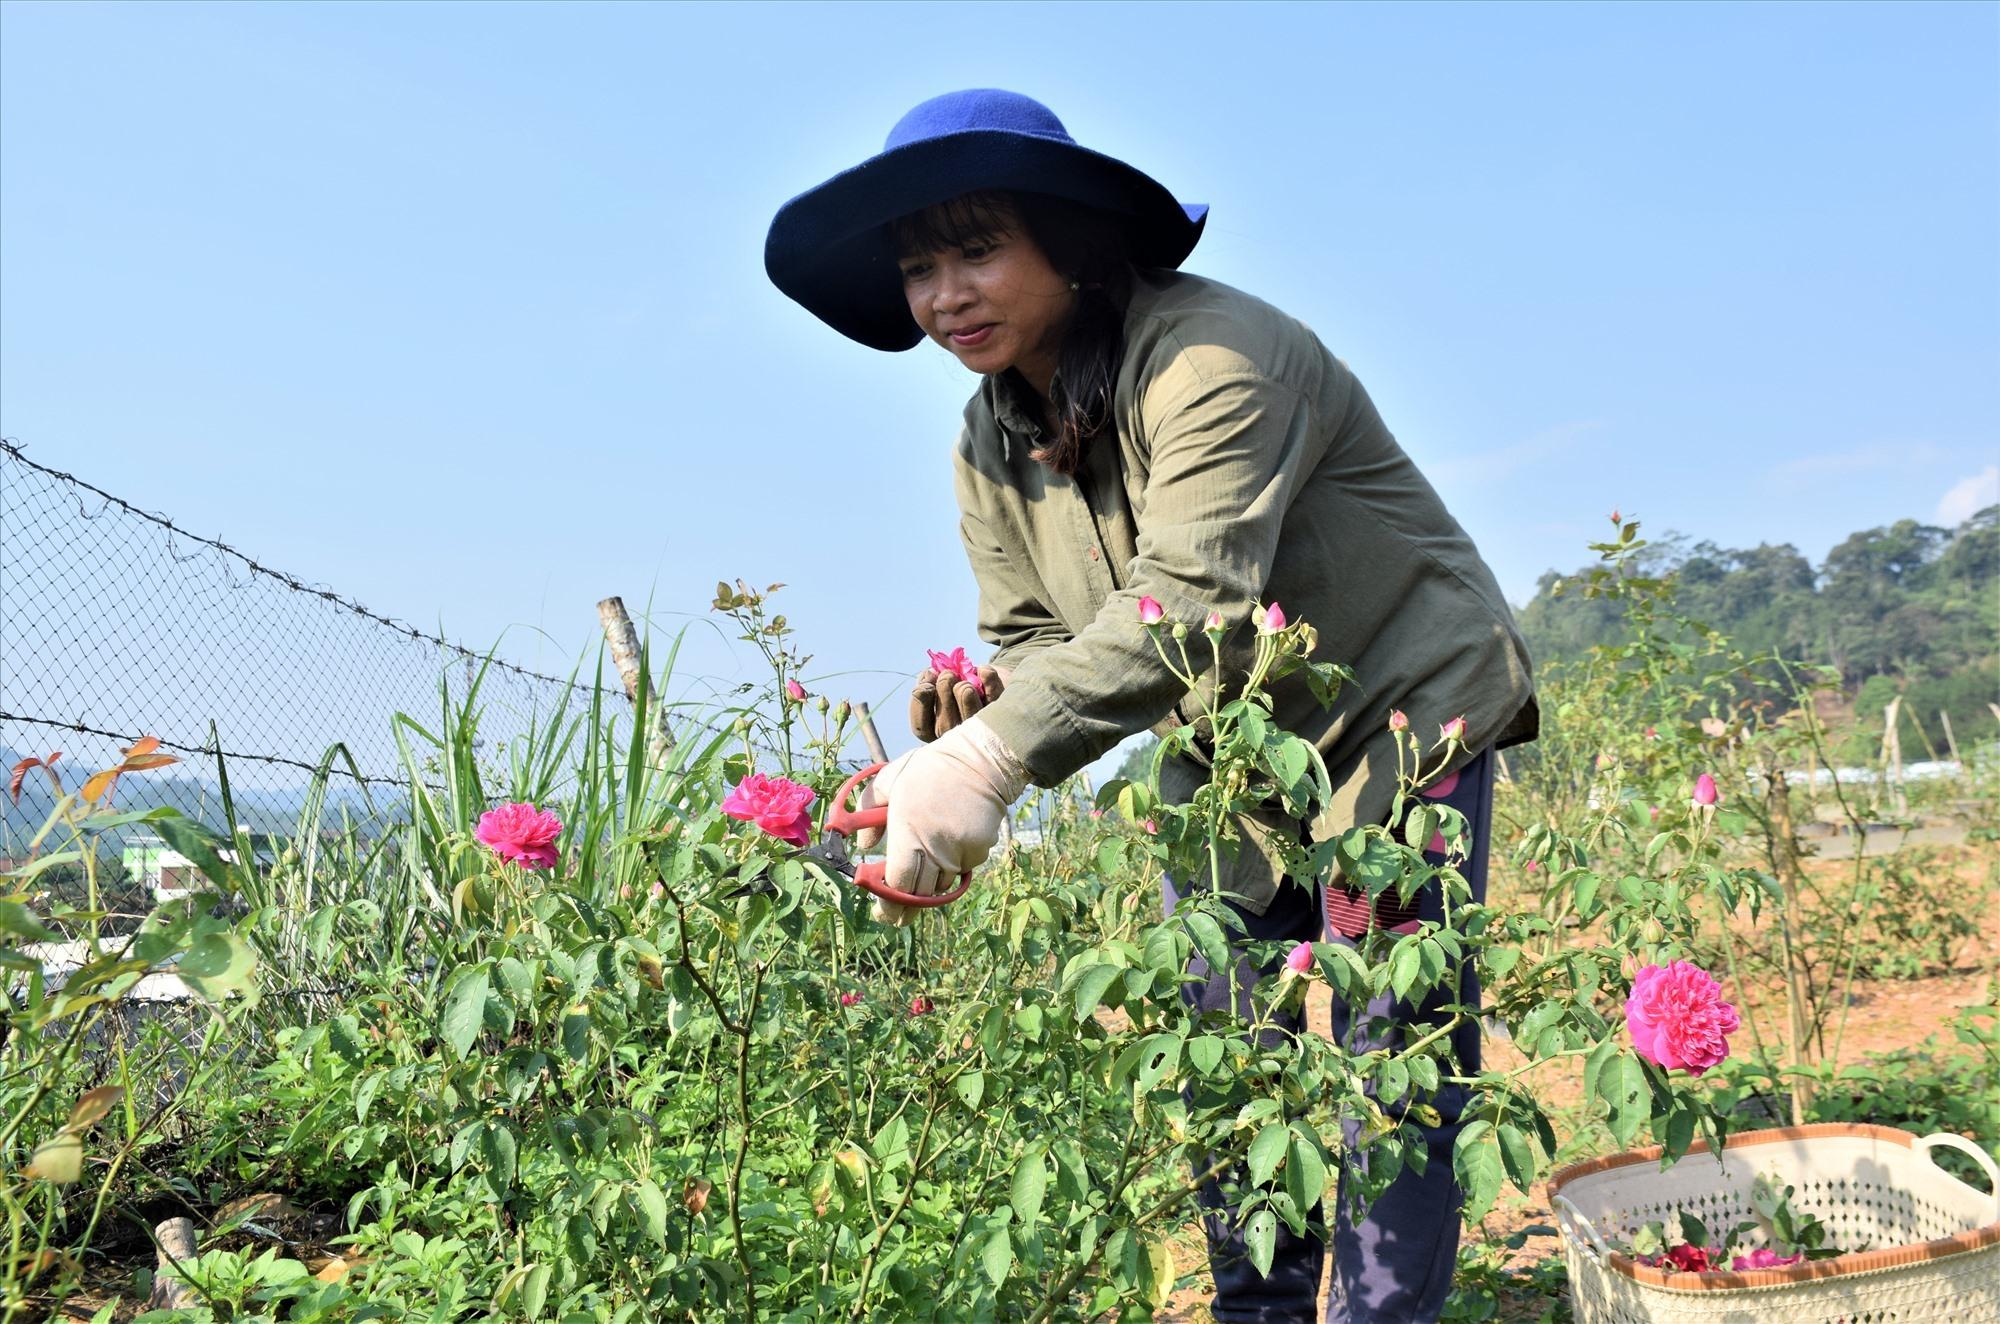 Thu hái hoa hồng tại nông trại hoa hồng. Ảnh: THANH THẮNG